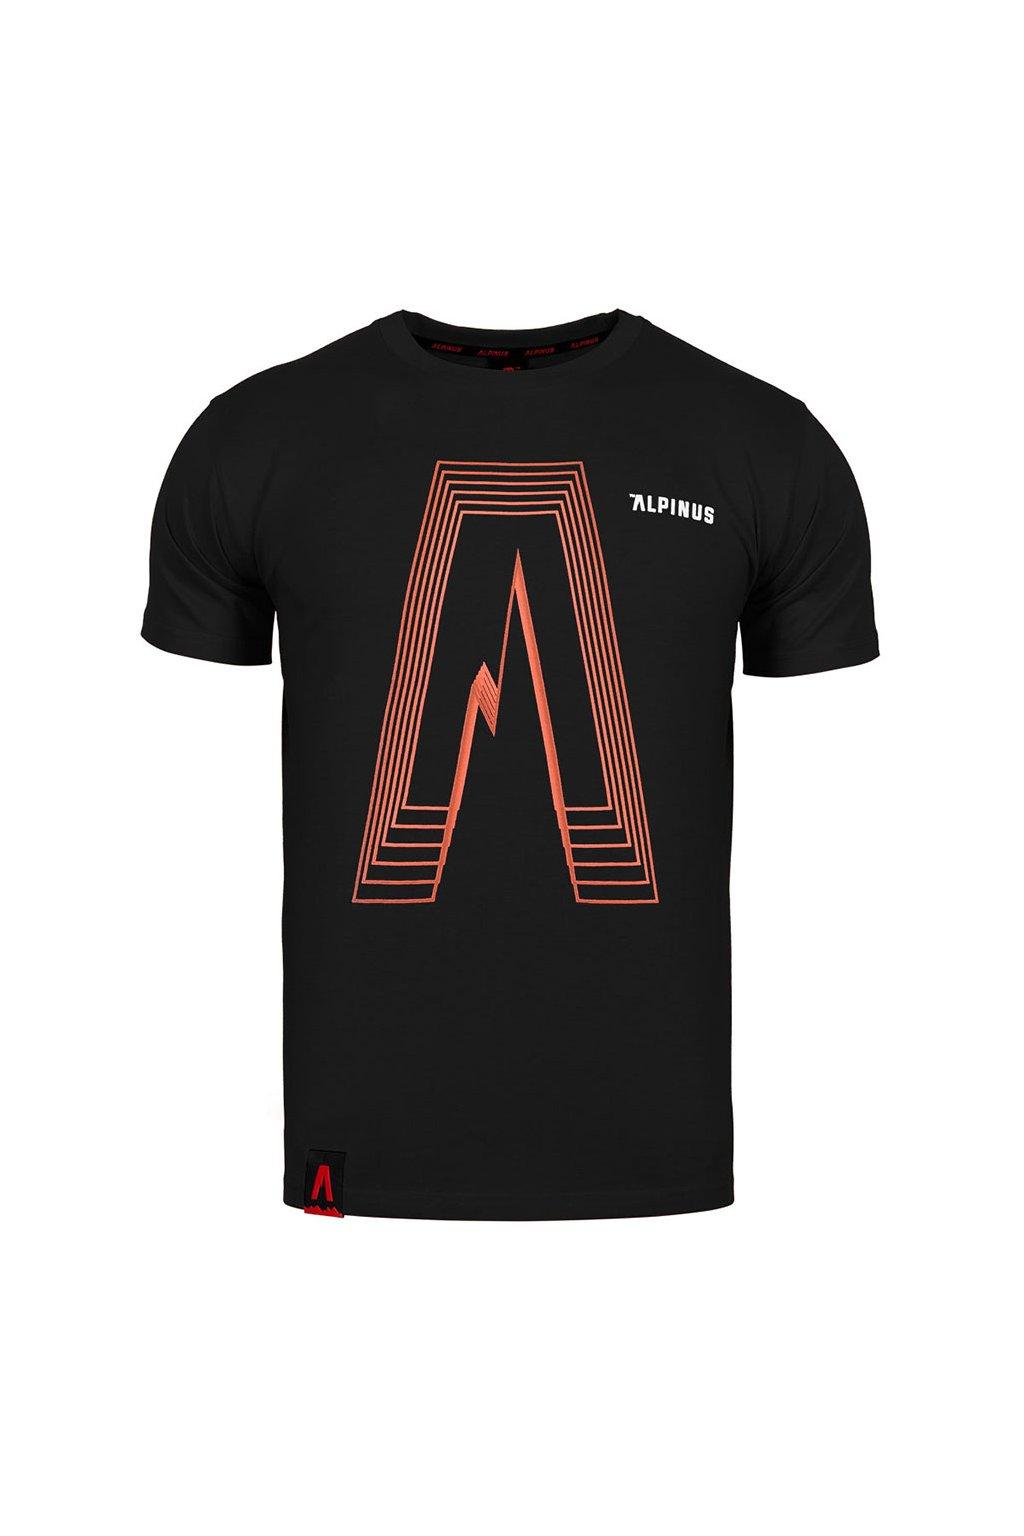 Pánske tričko Alpinus Altai čierne ALP20TC0035